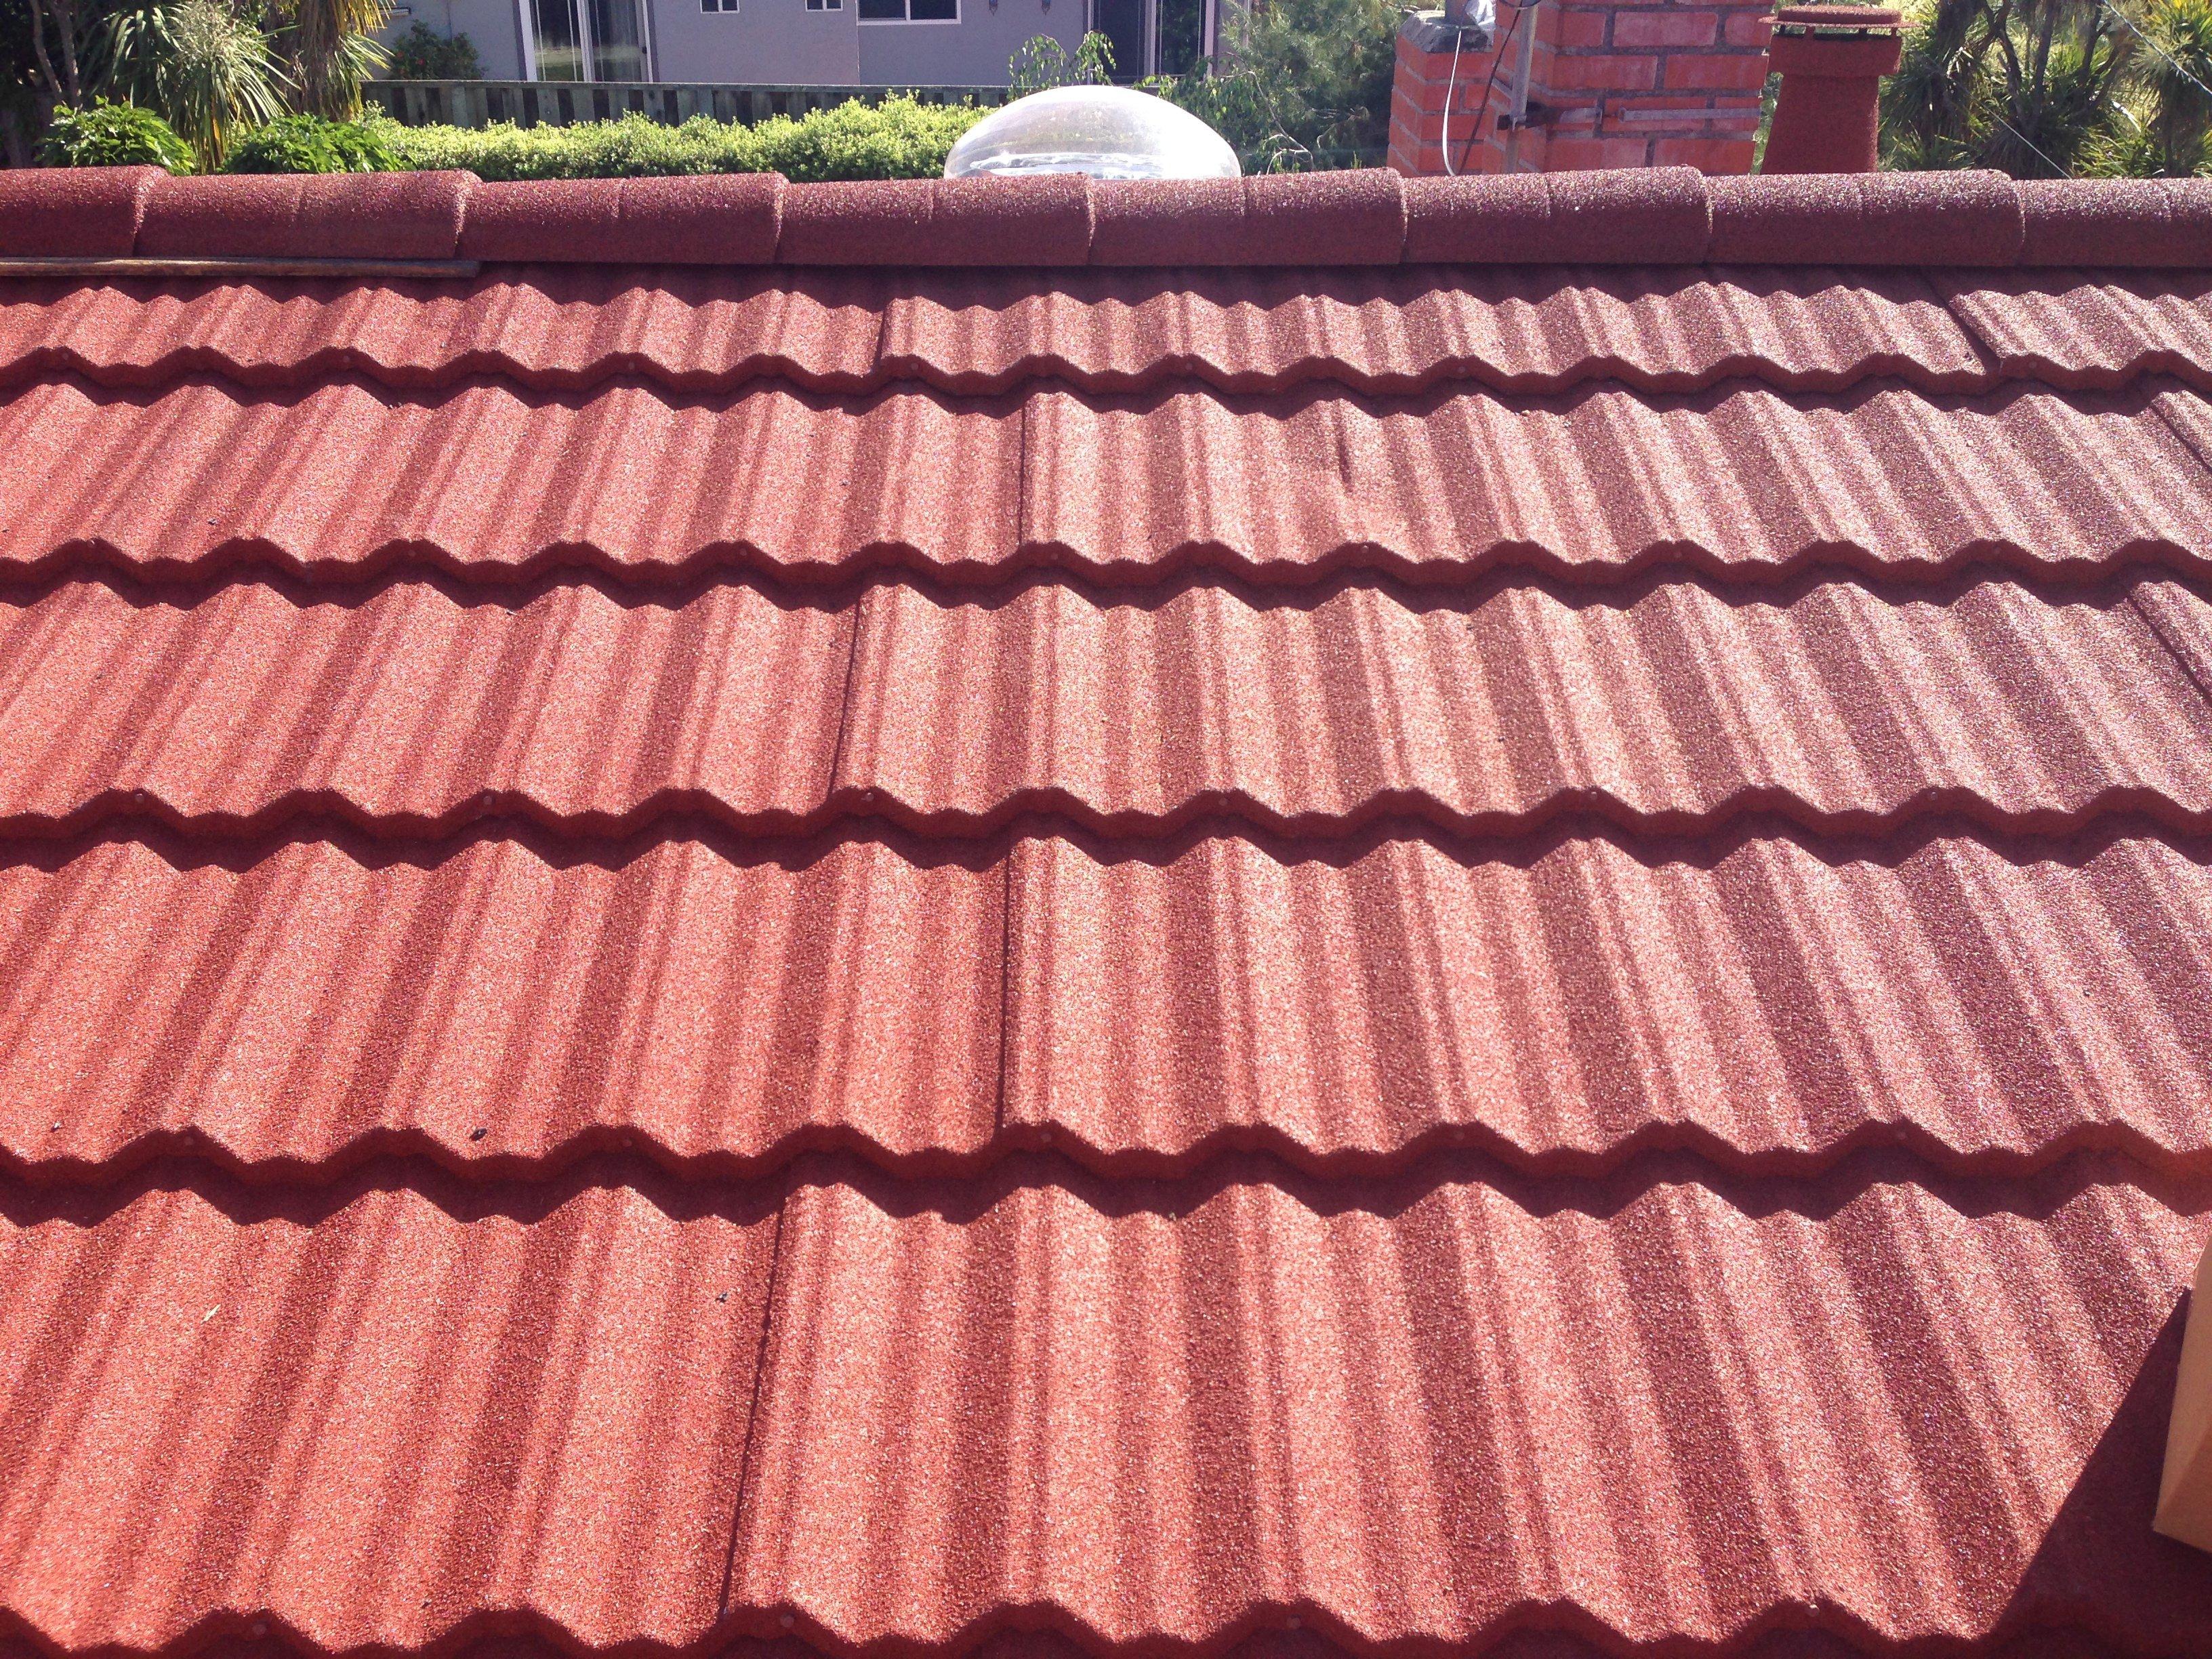 Gerard Tile Roofing